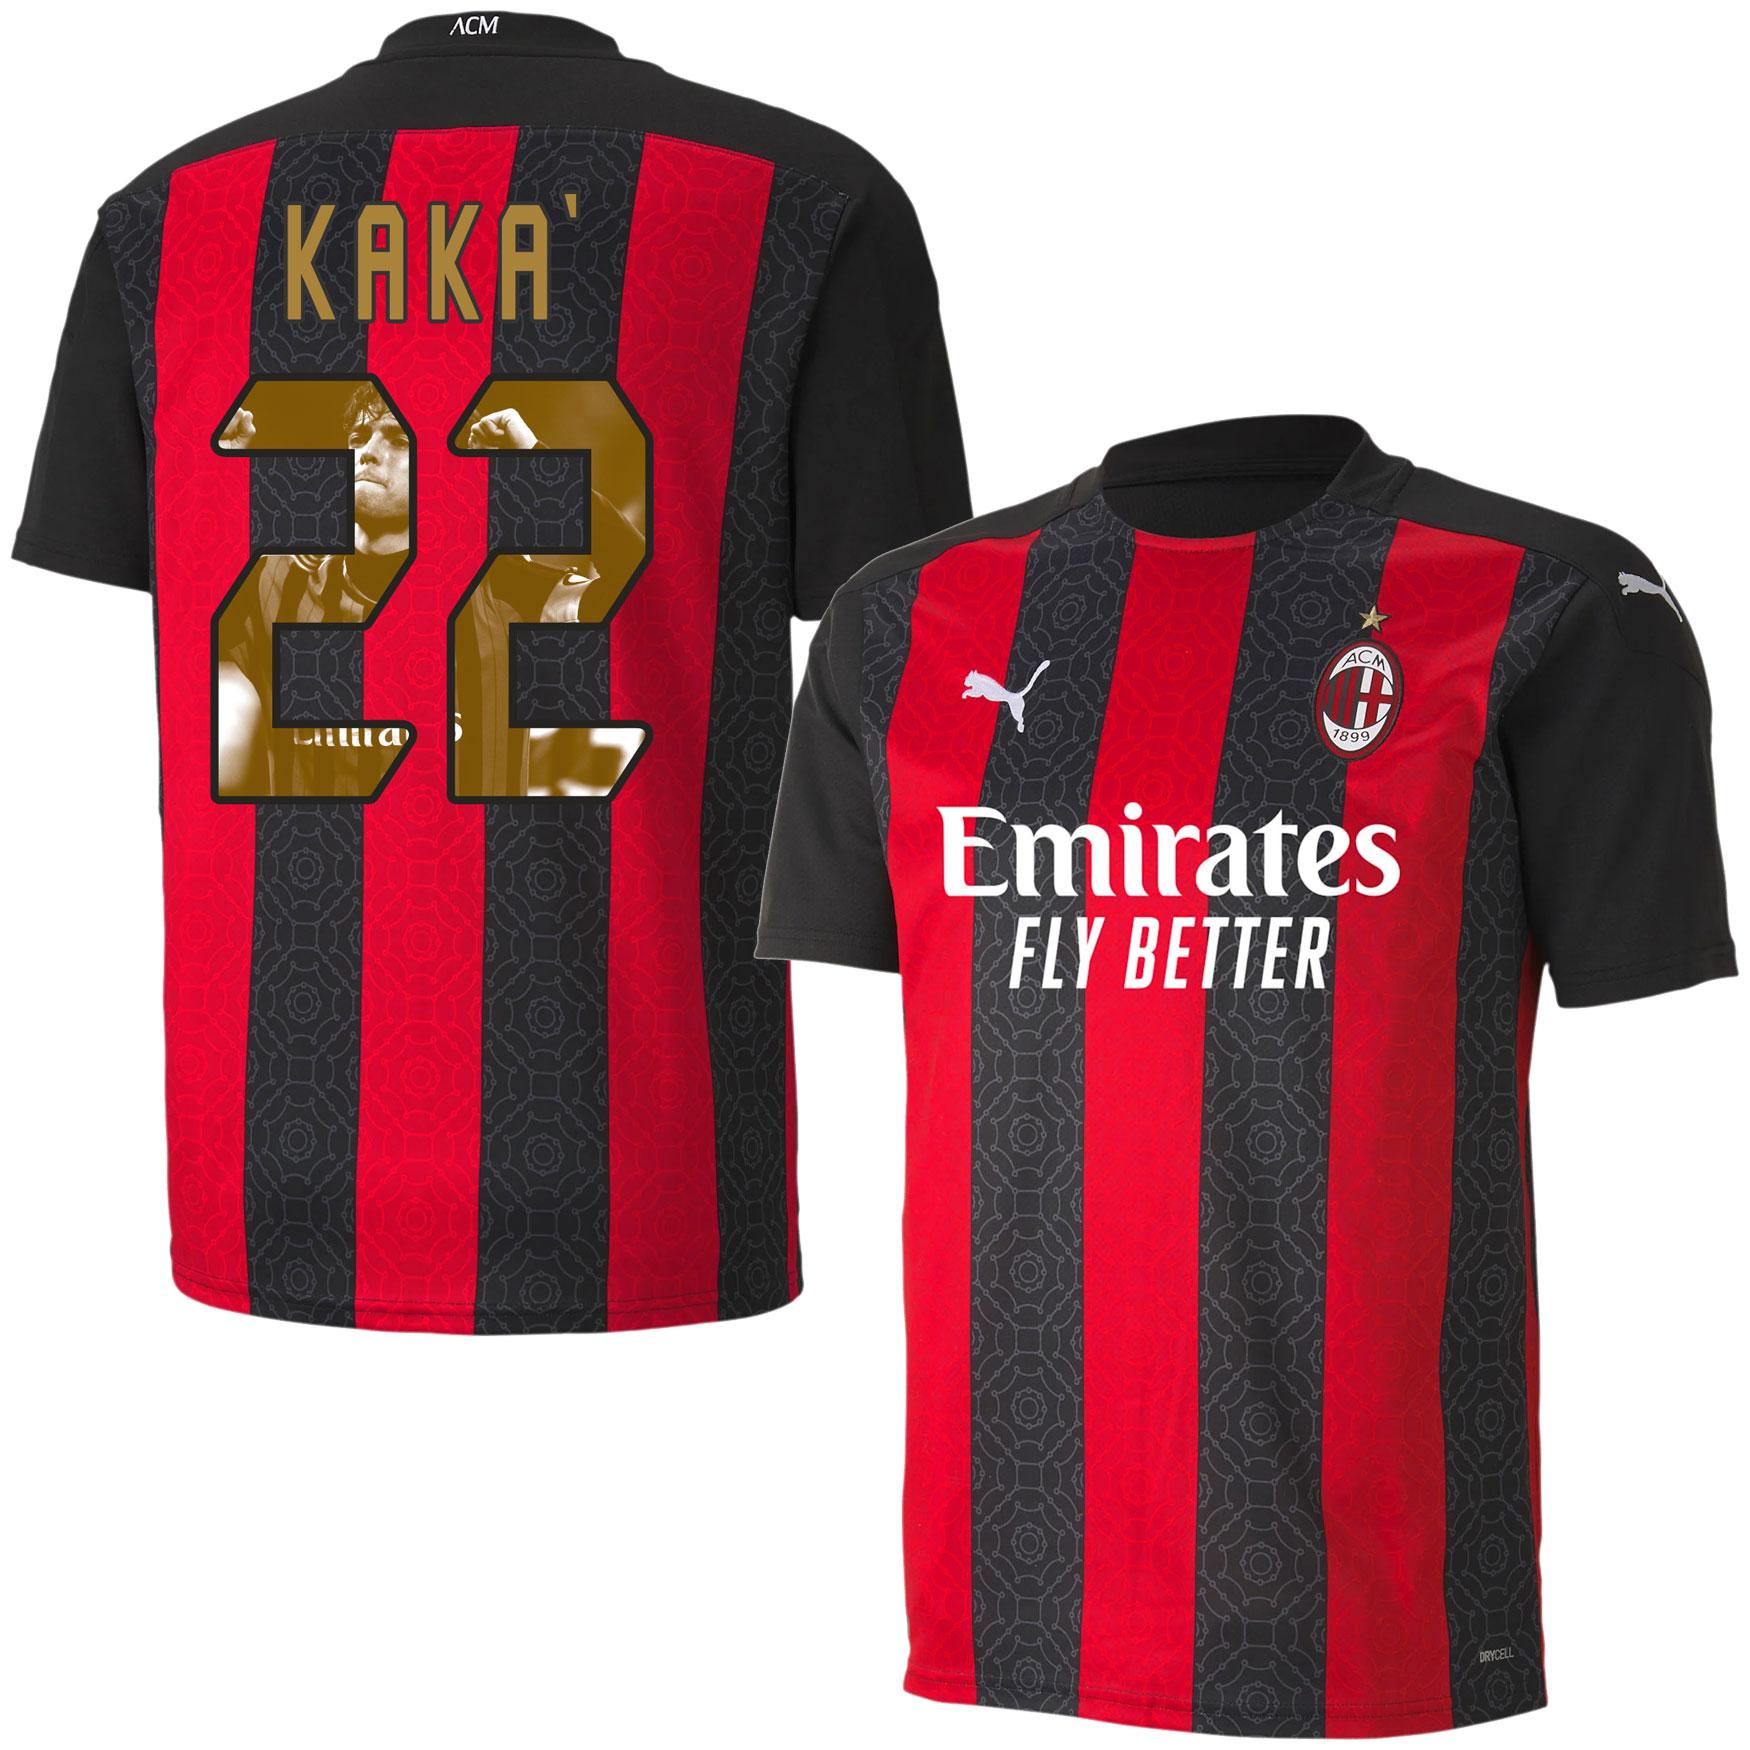 AC Milan Shirt Thuis 2020-2021 + Kaka 22 (Gallery Style)